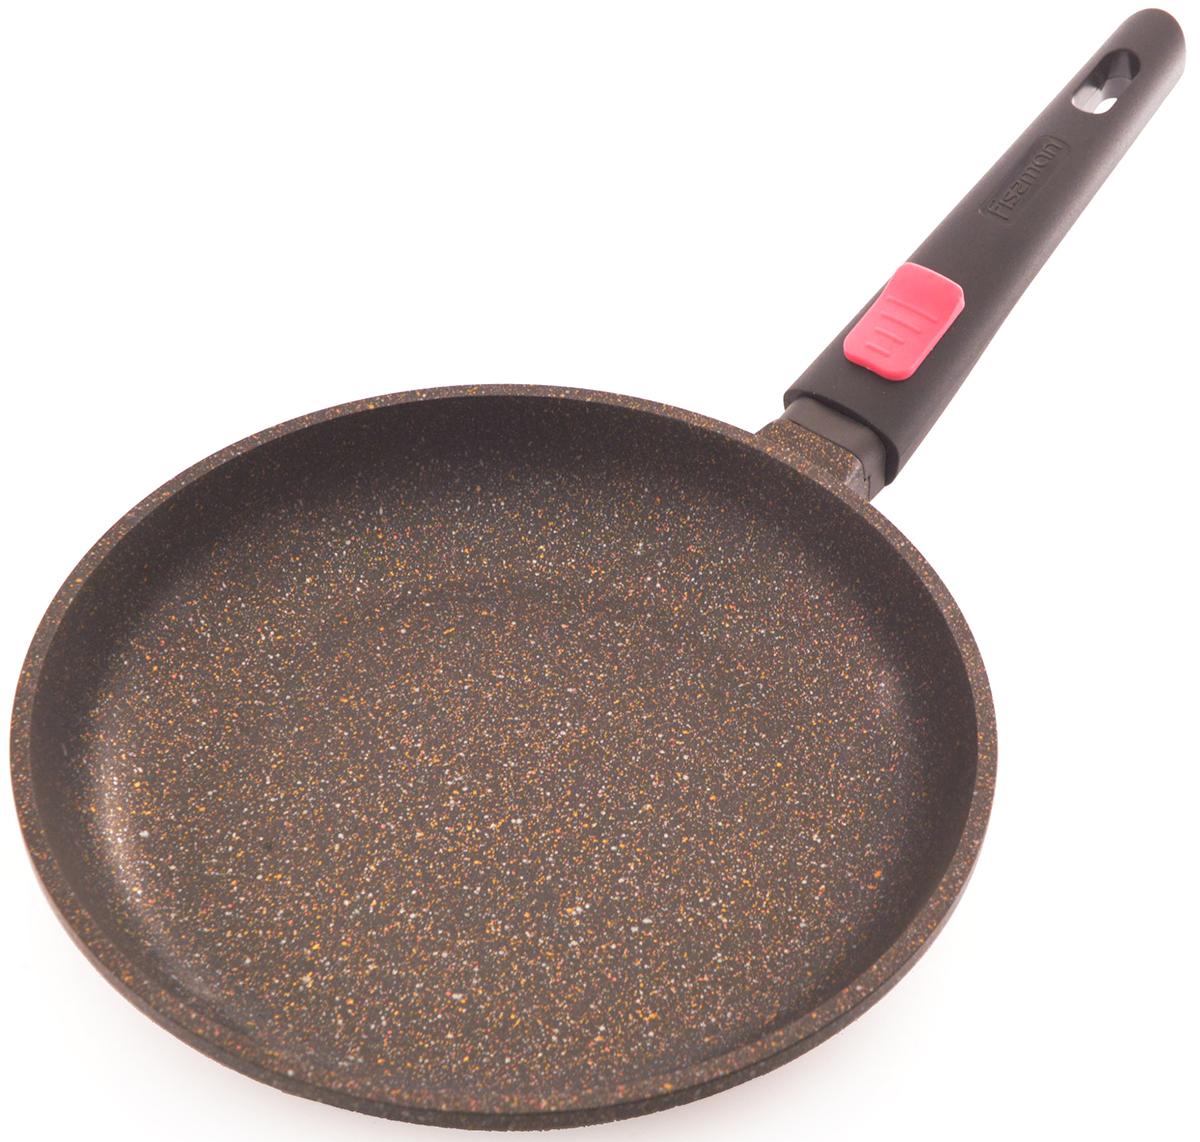 Сковорода Fissman Rebusto, с антипригарным покрытием, со съемной ручкой. Диаметр 24 смAL-4225.24